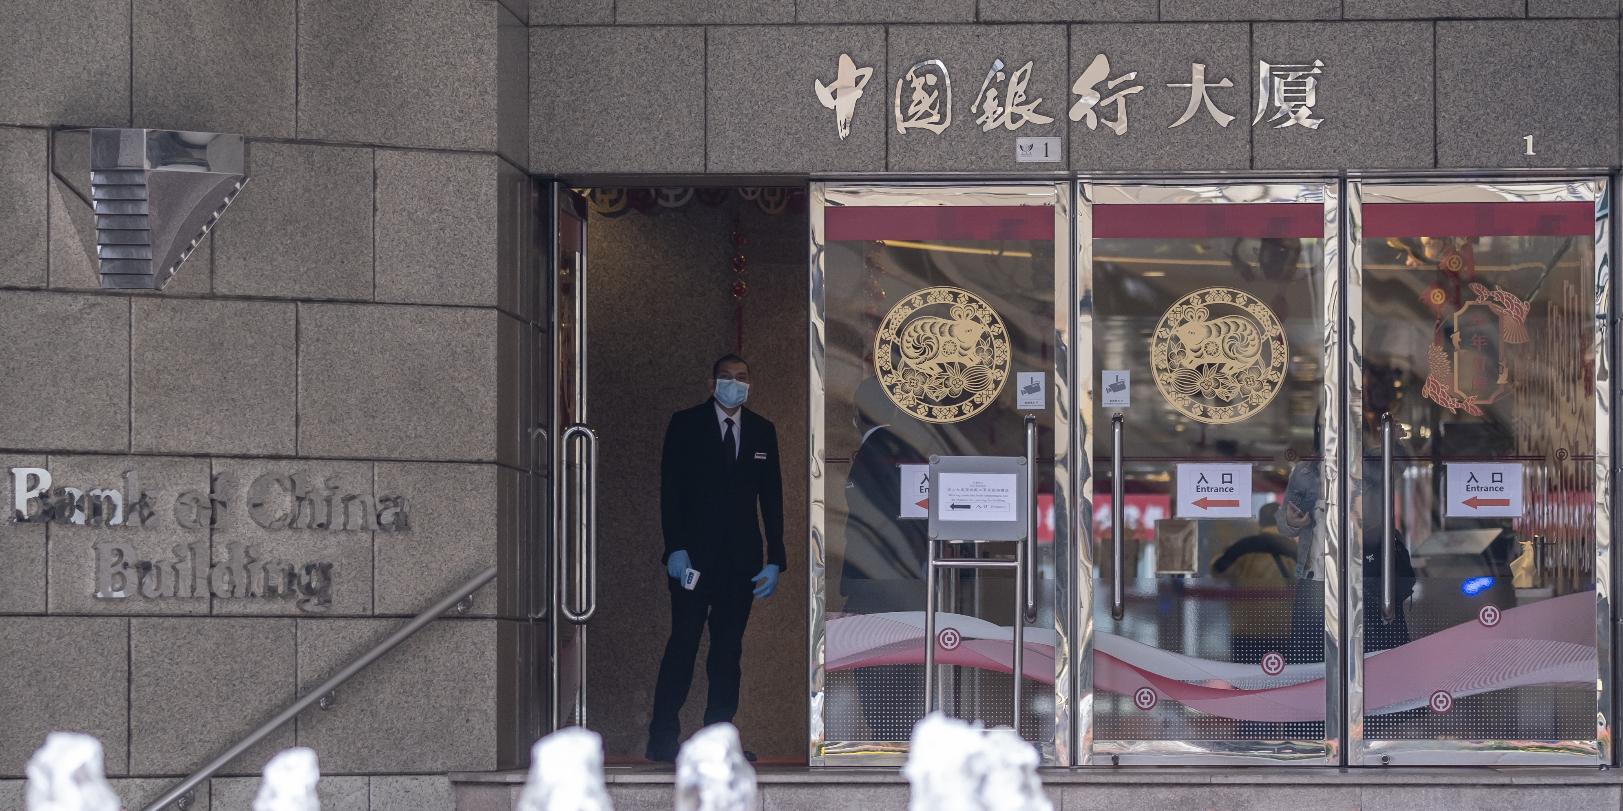 澳門銀行公會:人民幣現鈔需求異常急增